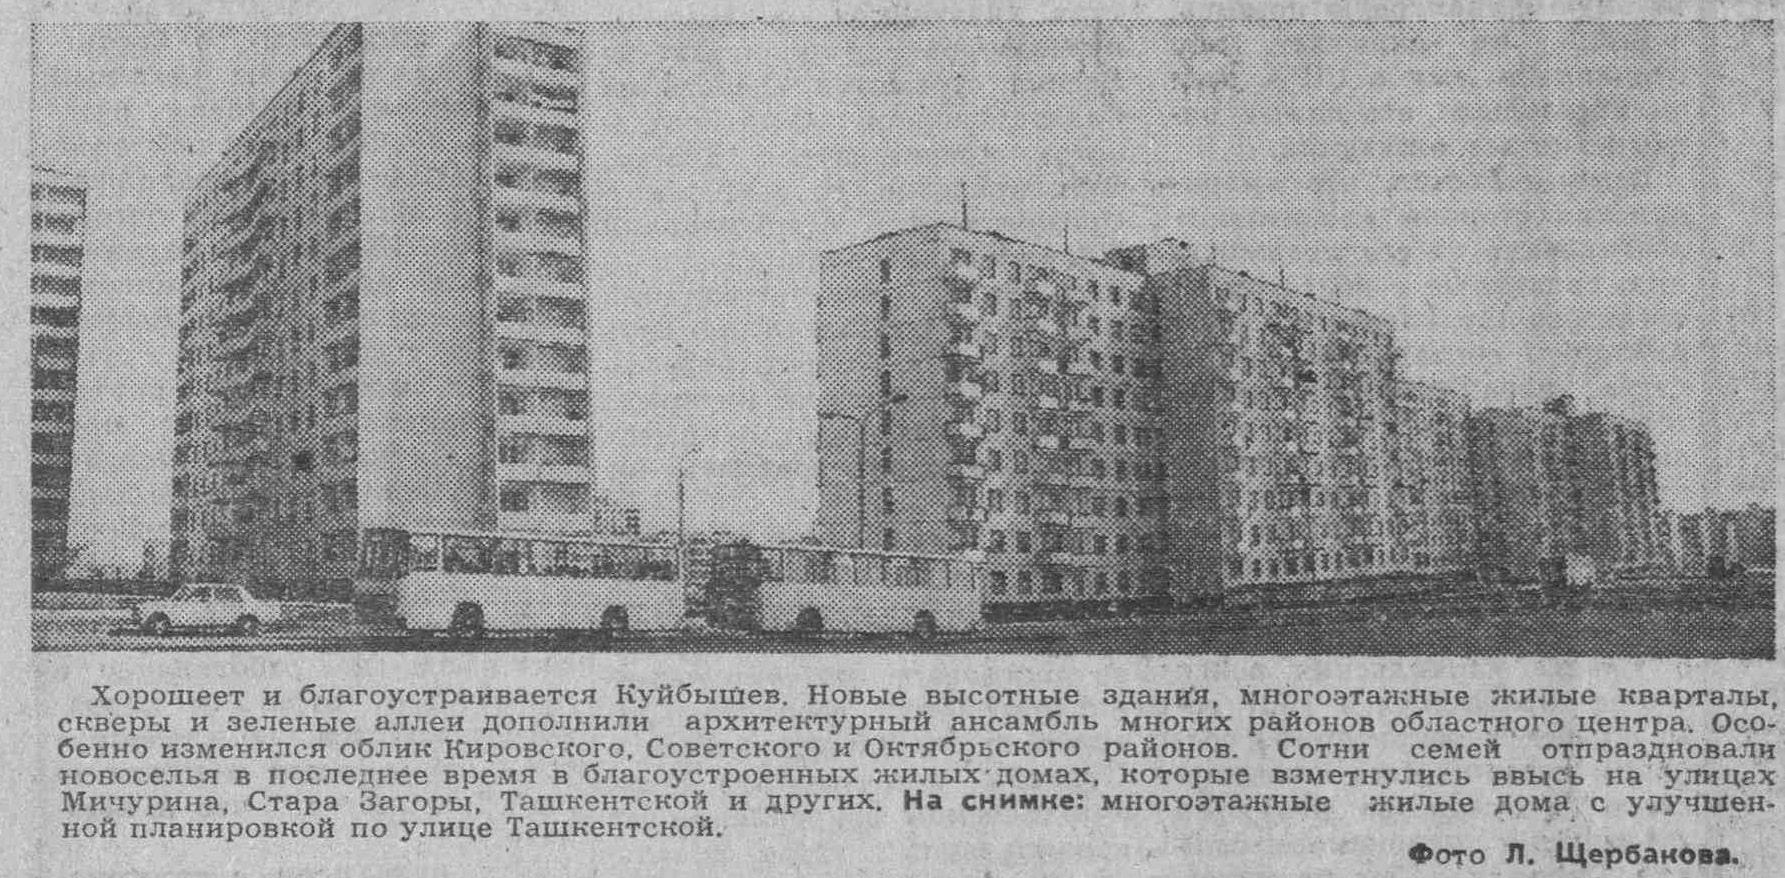 Ташкентская-ФОТО-63-ВКа-1978-05-07-фото с ул. Ташкентской